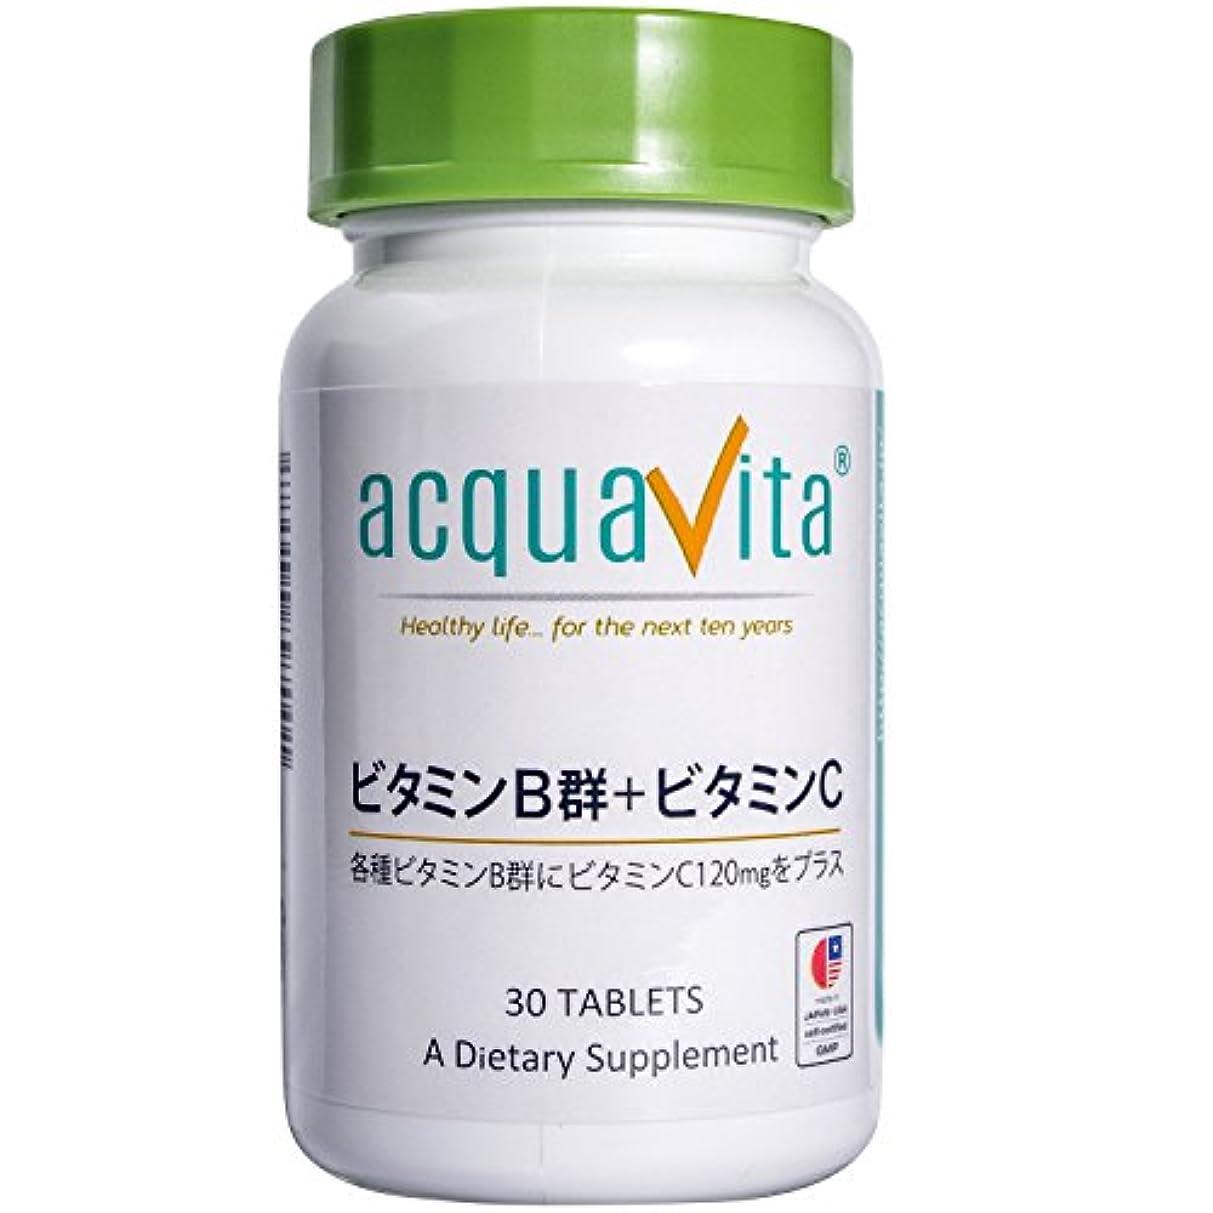 凍った割合アンビエントacquavita(アクアヴィータ)  ビタミンB群+ビタミンC 30粒